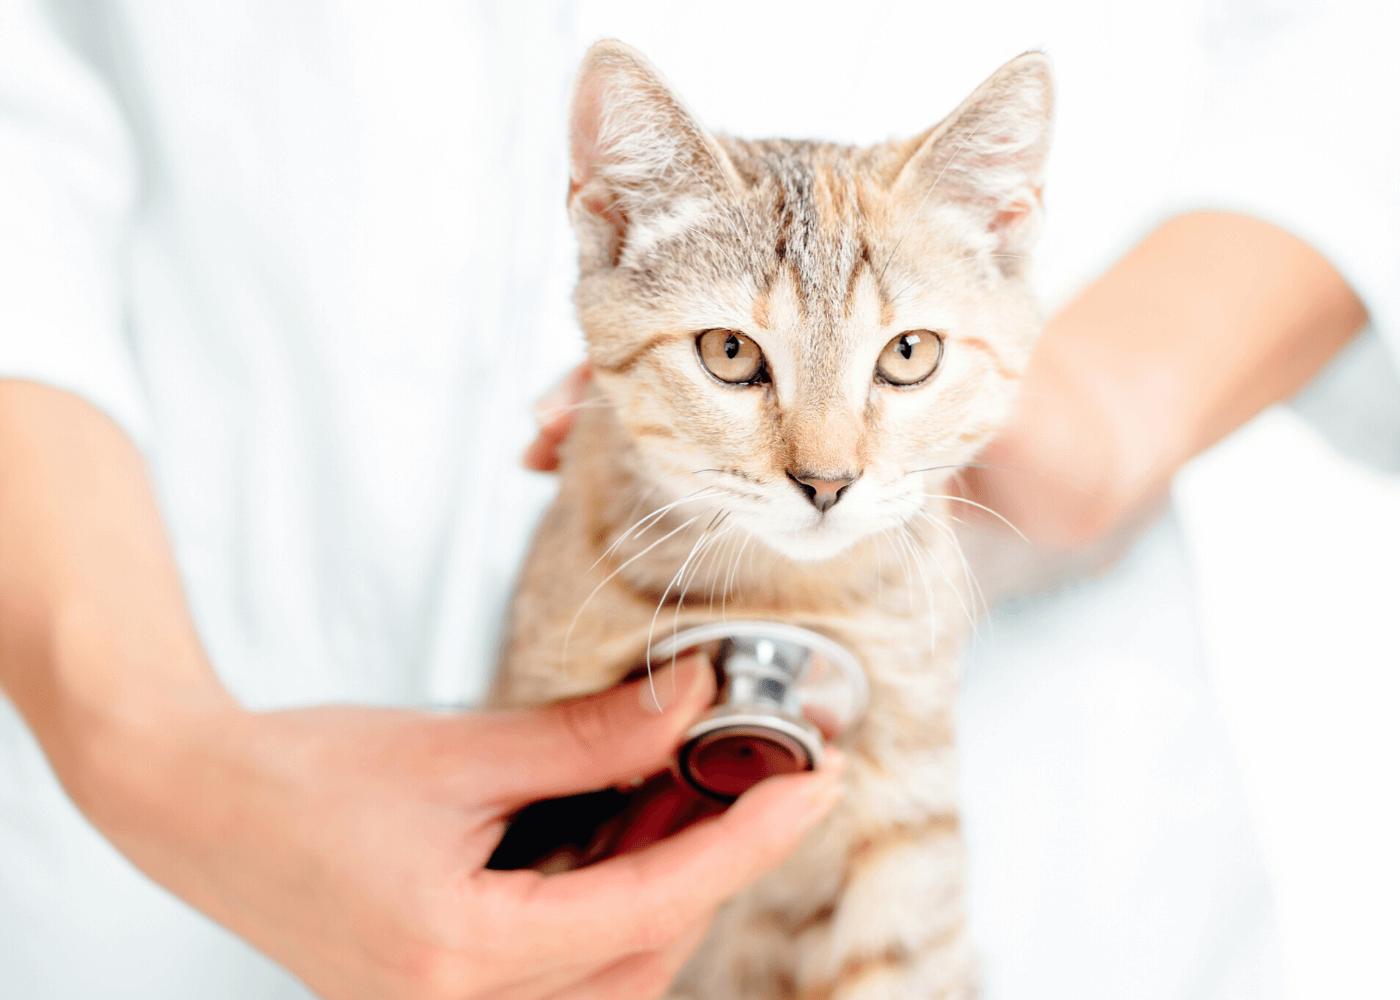 Cara Merawat Kucing Kampung Agar Gemuk: Perhatikan Kondisi Kesehatan Kucing